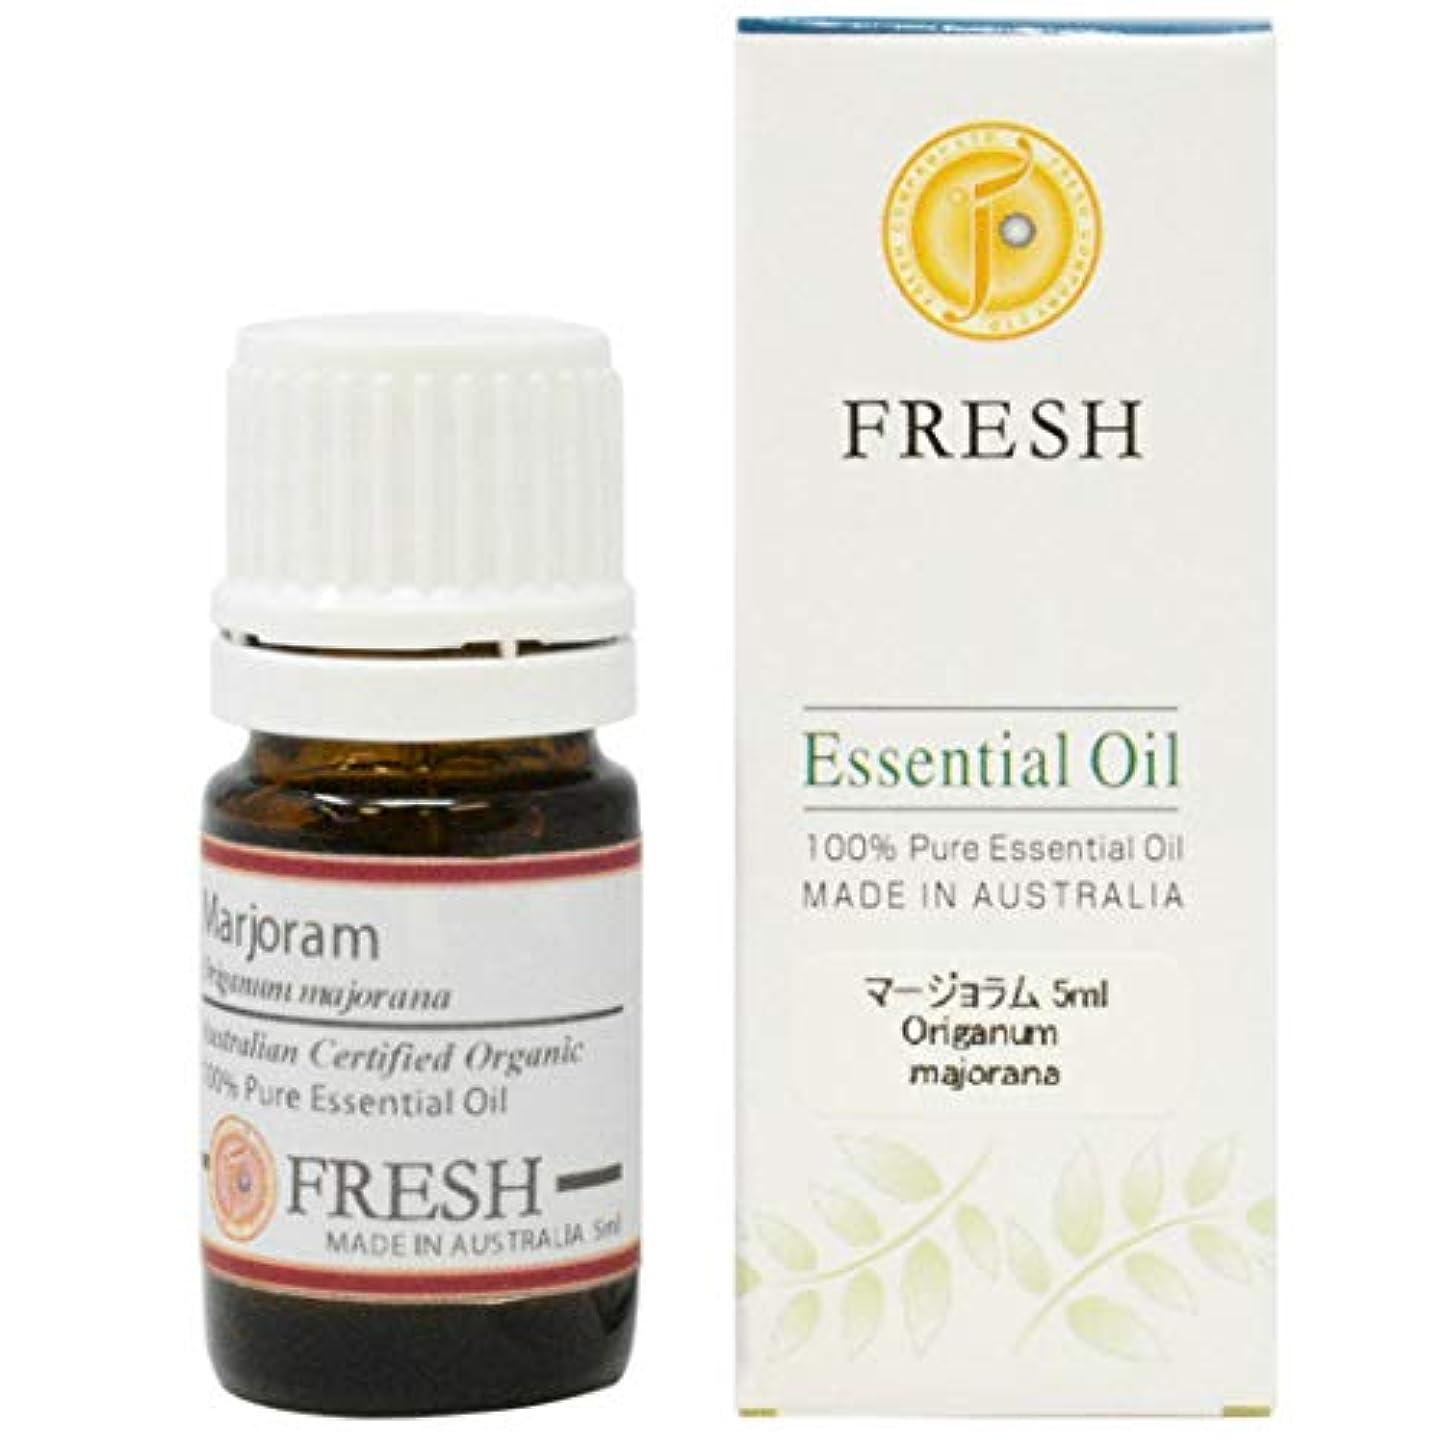 合併症受益者実質的FRESH オーガニック エッセンシャルオイル マージョラム 5ml (FRESH 精油)